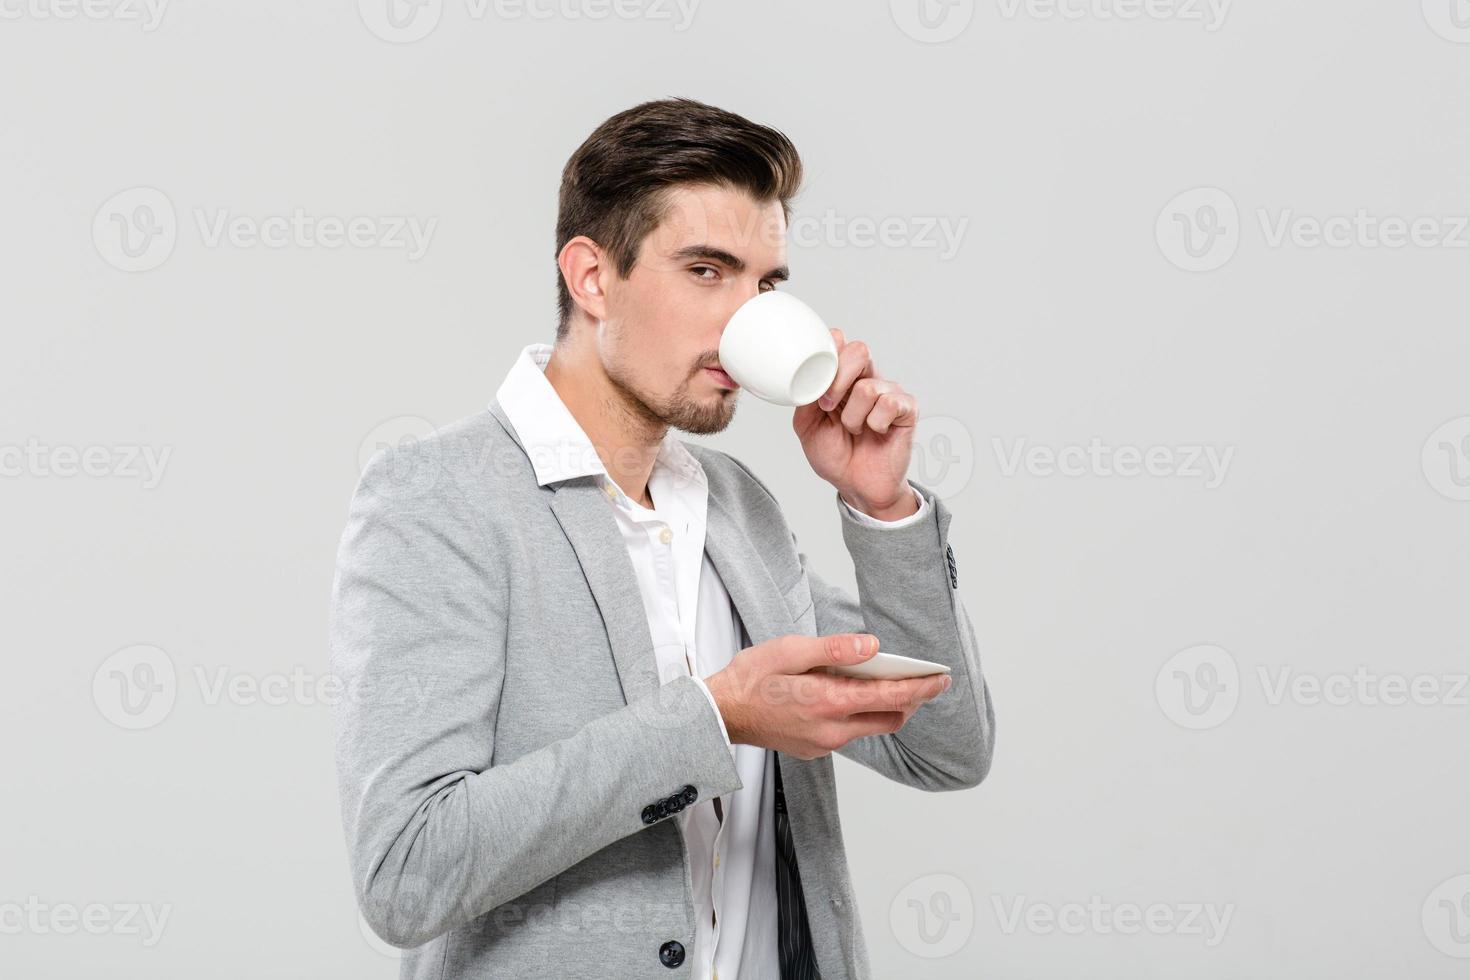 homme d'affaires attrayant buvant corree photo